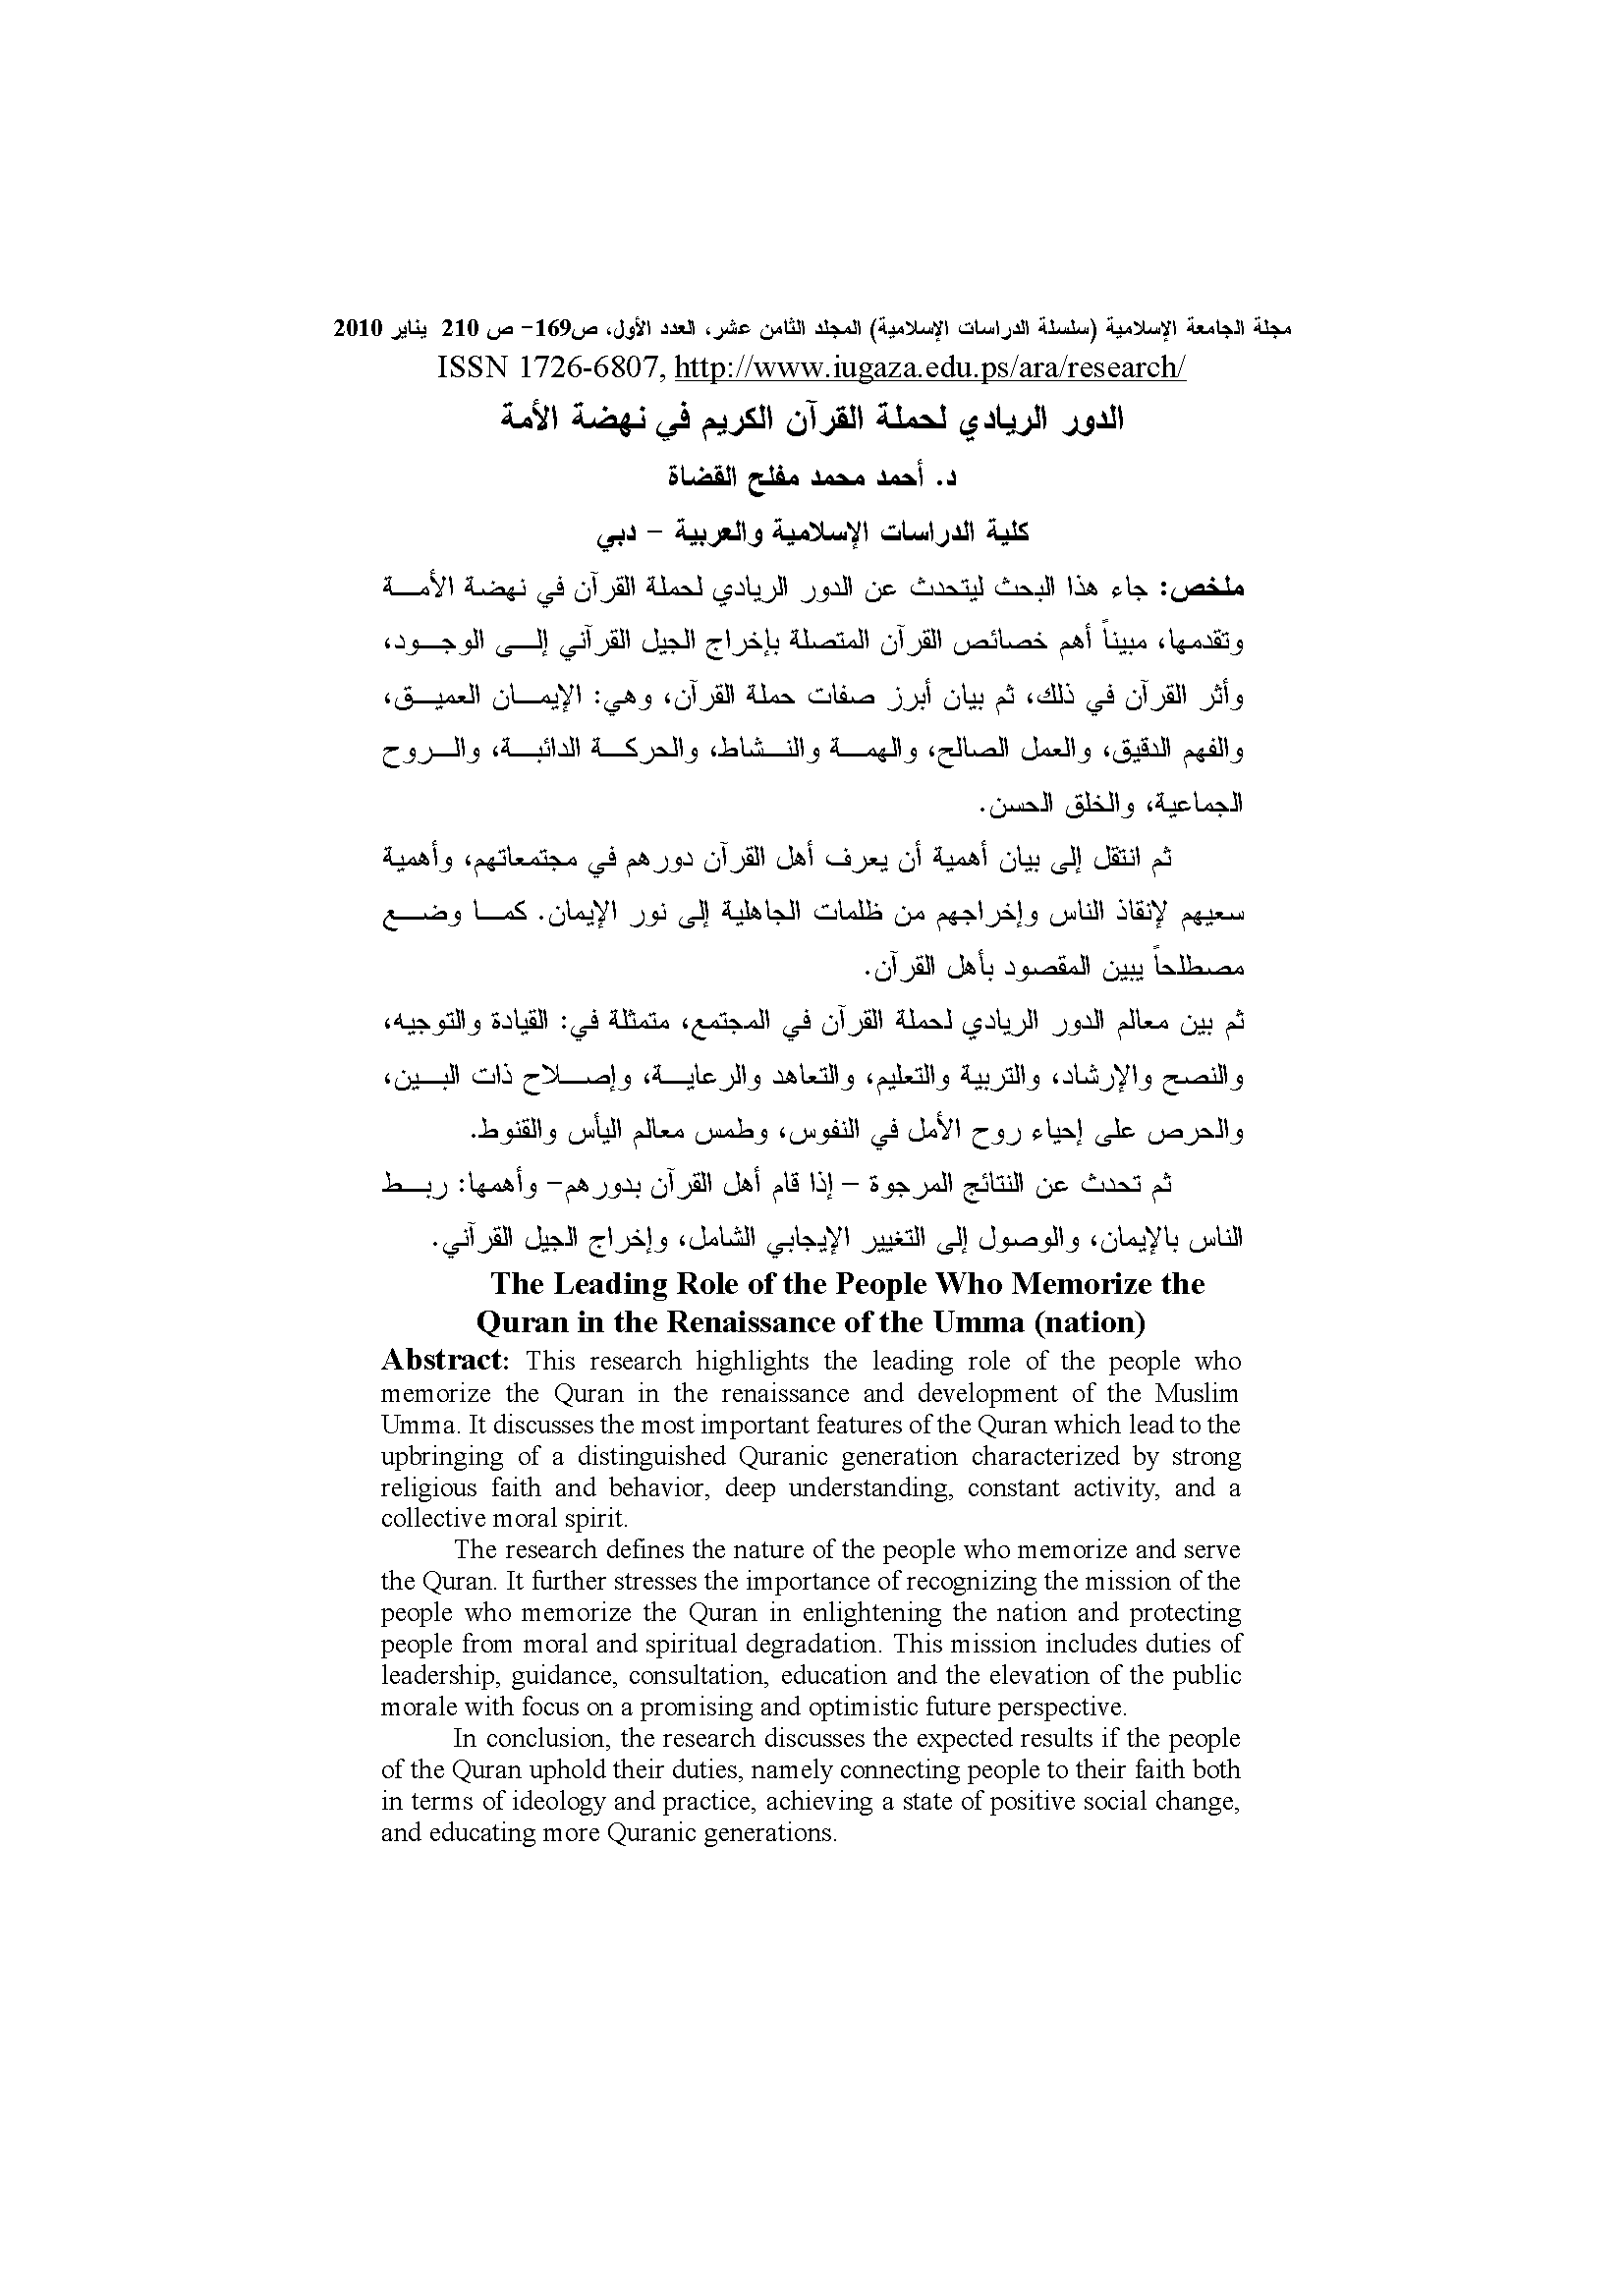 تحميل كتاب الدور الريادي لحملة القرآن الكريم في نهضة الأمة لـِ: الدكتور أحمد محمد مفلح القضاة